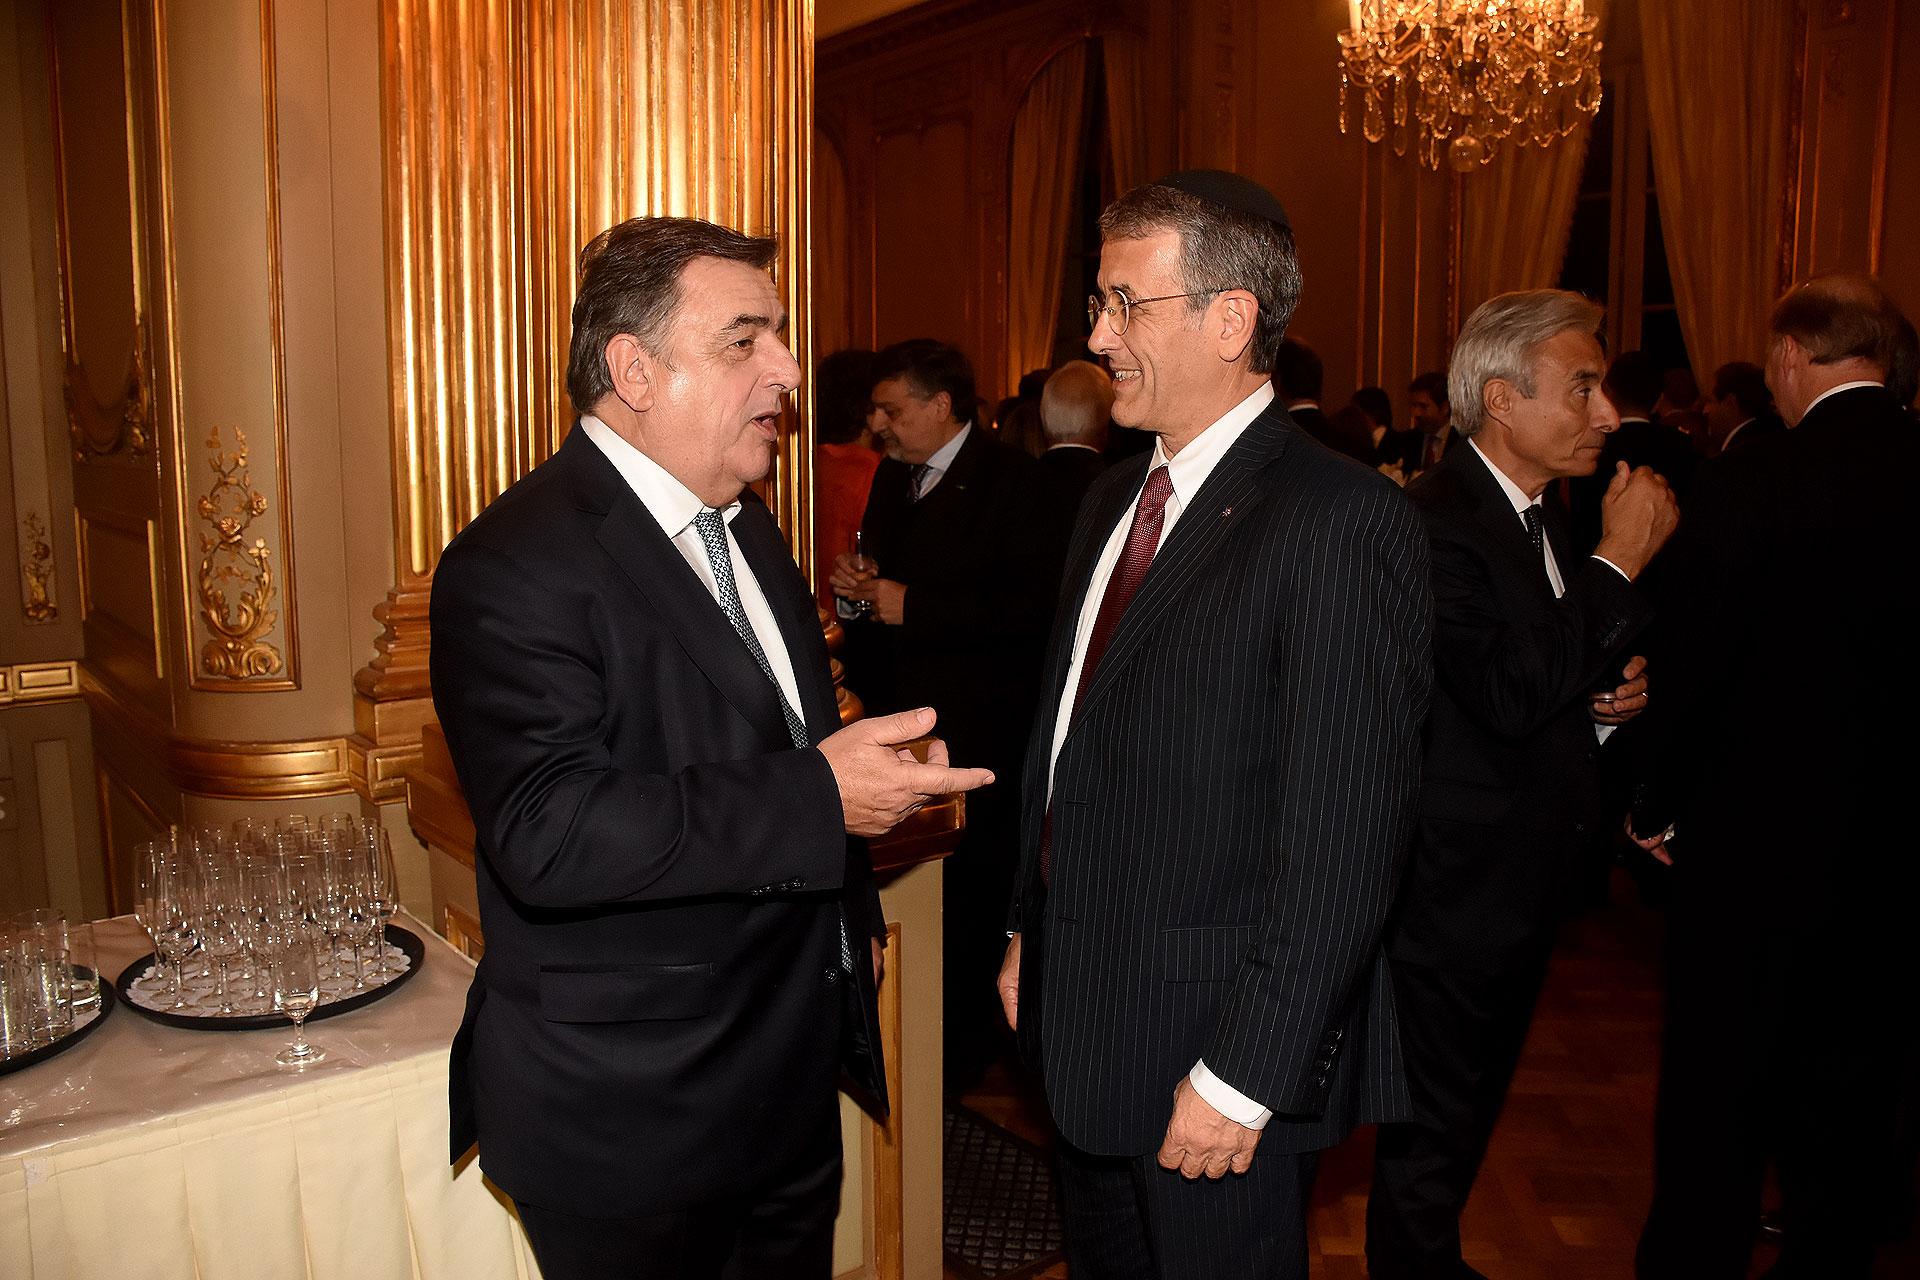 El diputado Mario Negri y el presidente de la AMIA, Agustín Zbar